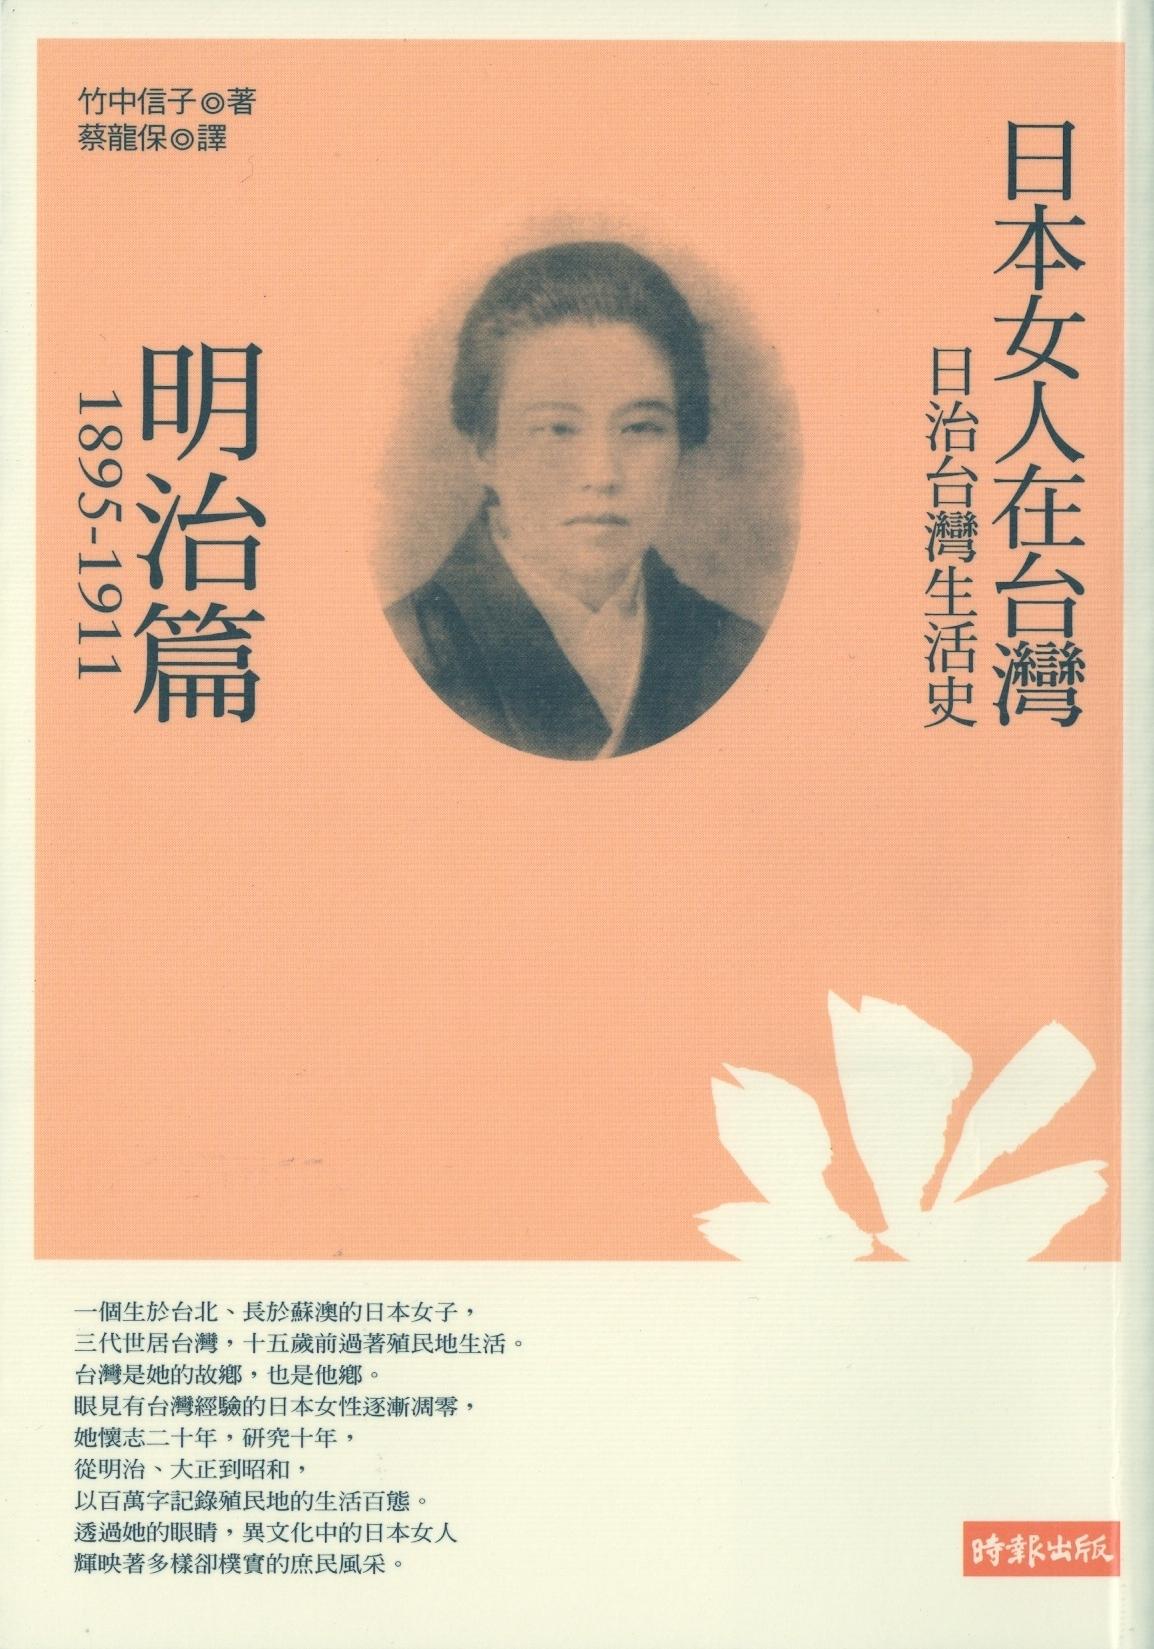 日治台灣生活史-日本女人在台灣(明治篇1895-1911)